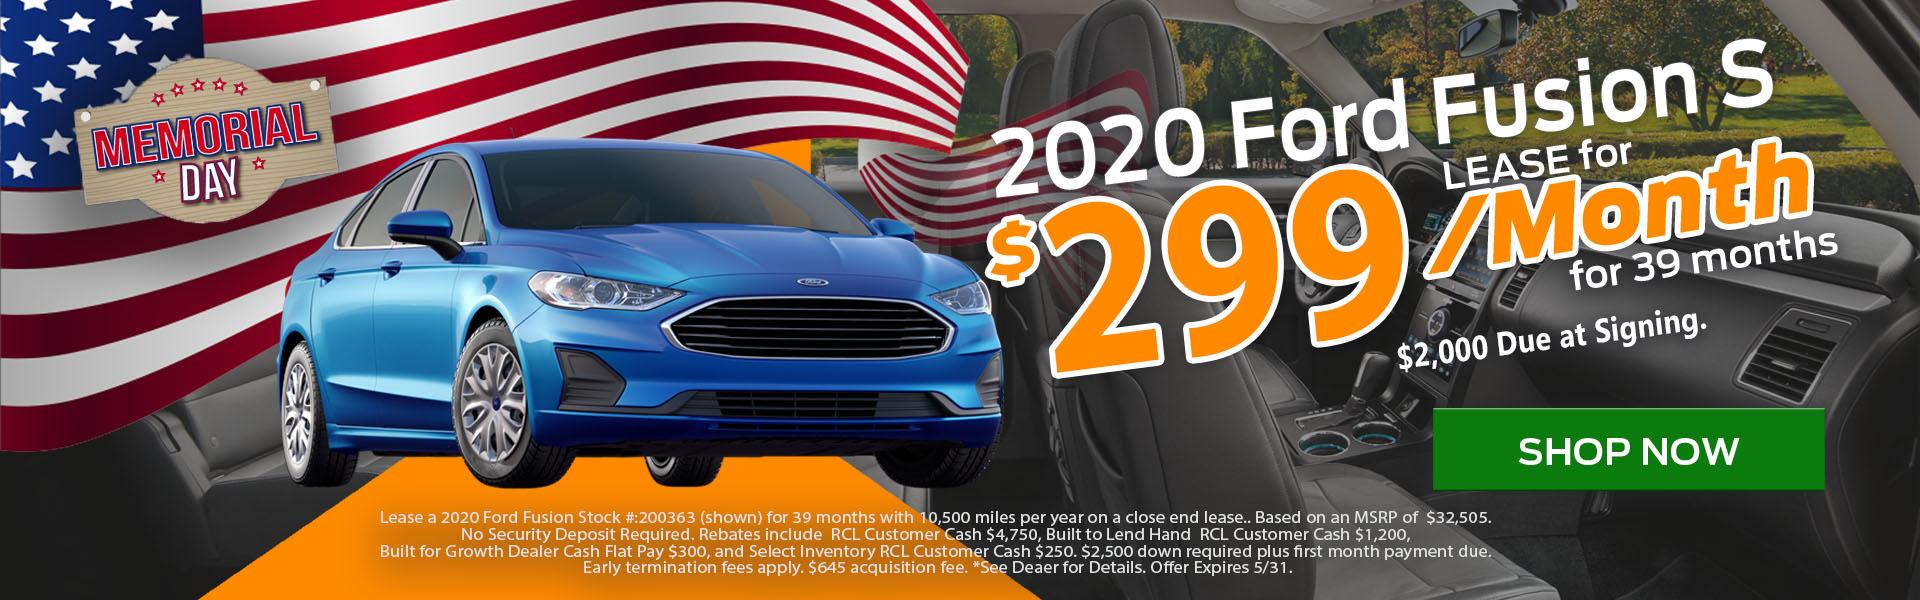 Ford Fusion Memorial Day Sale - Hacienda Ford